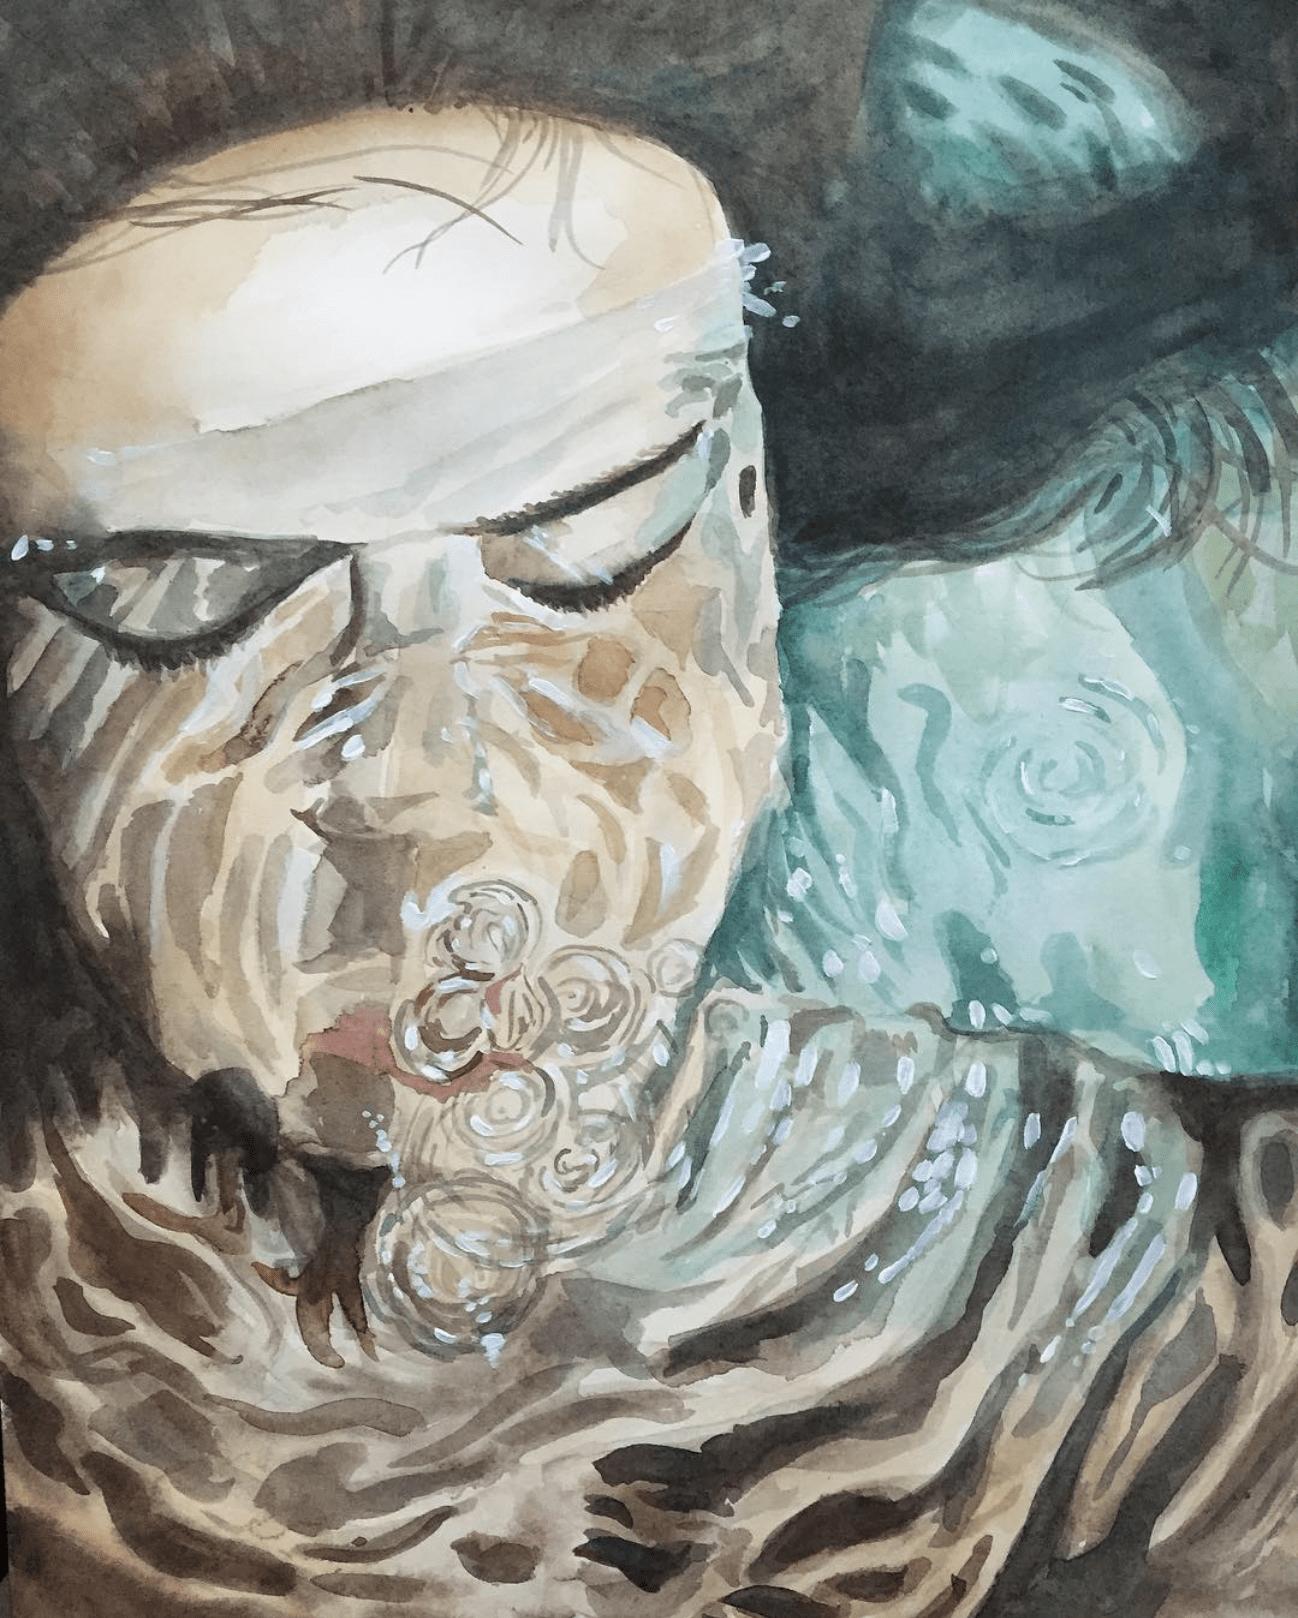 Portrait à l'aquarelle - sous l'eau